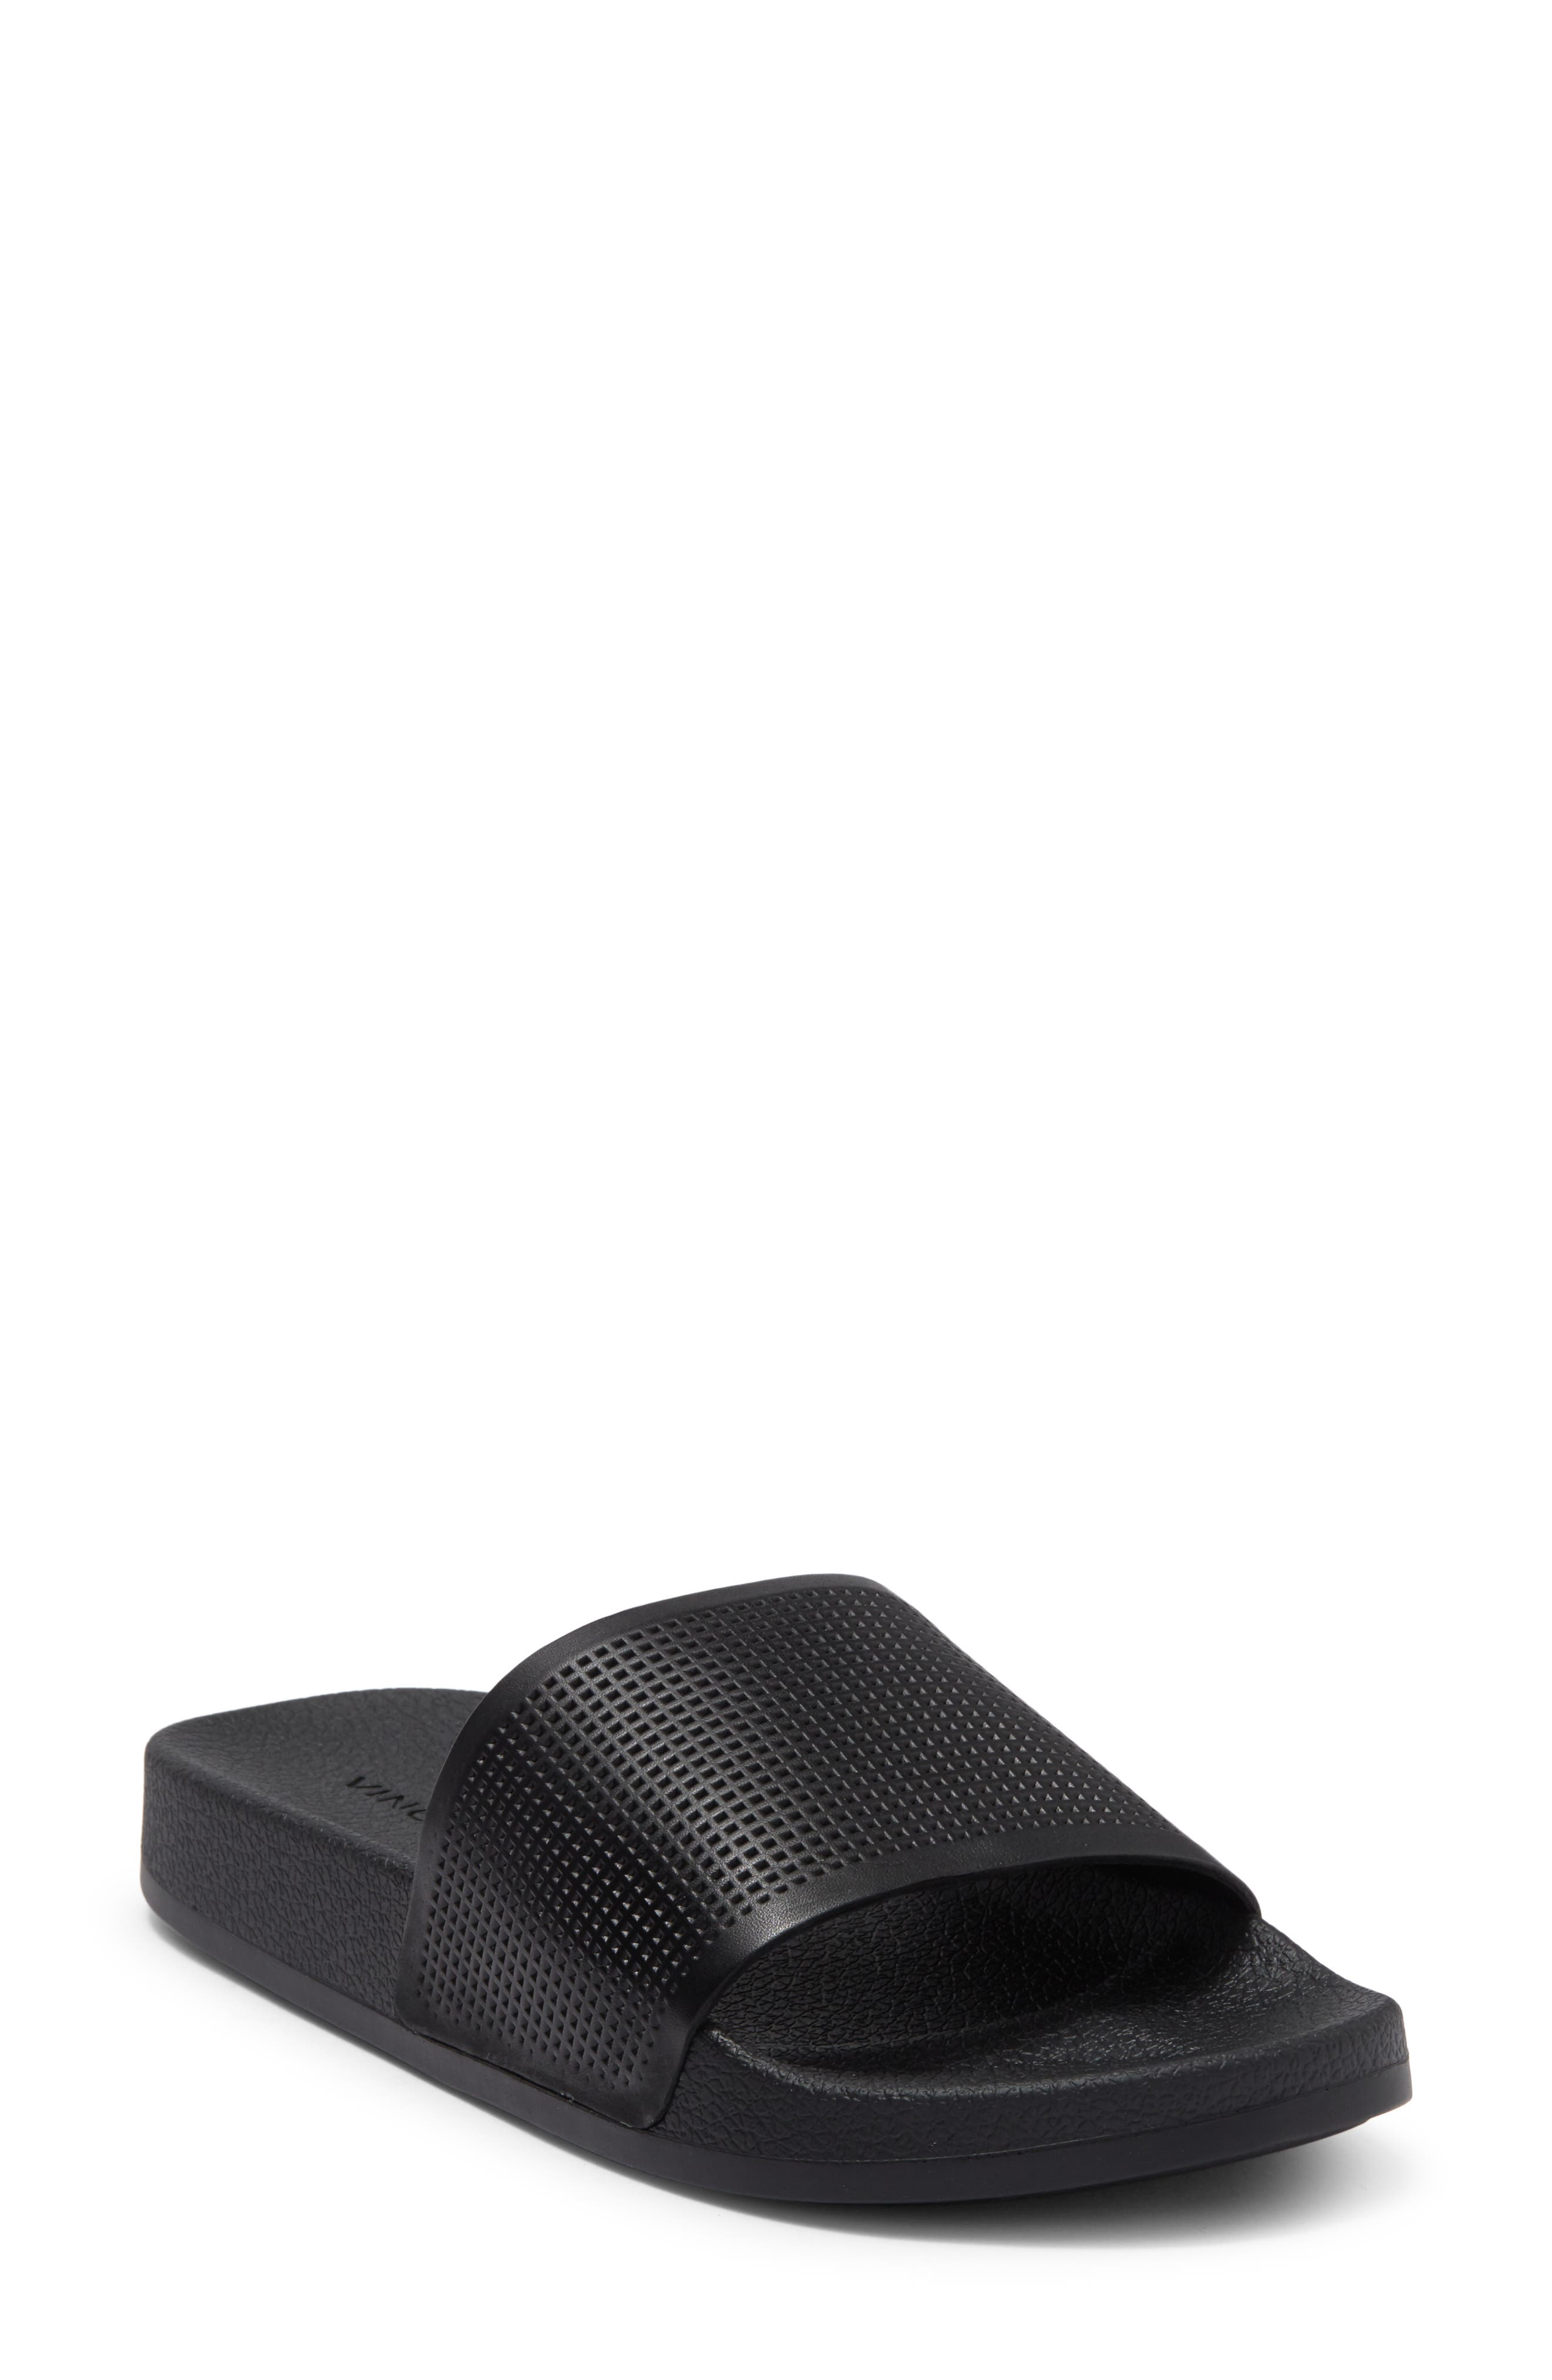 Image of Vince Winston Slide Sandal